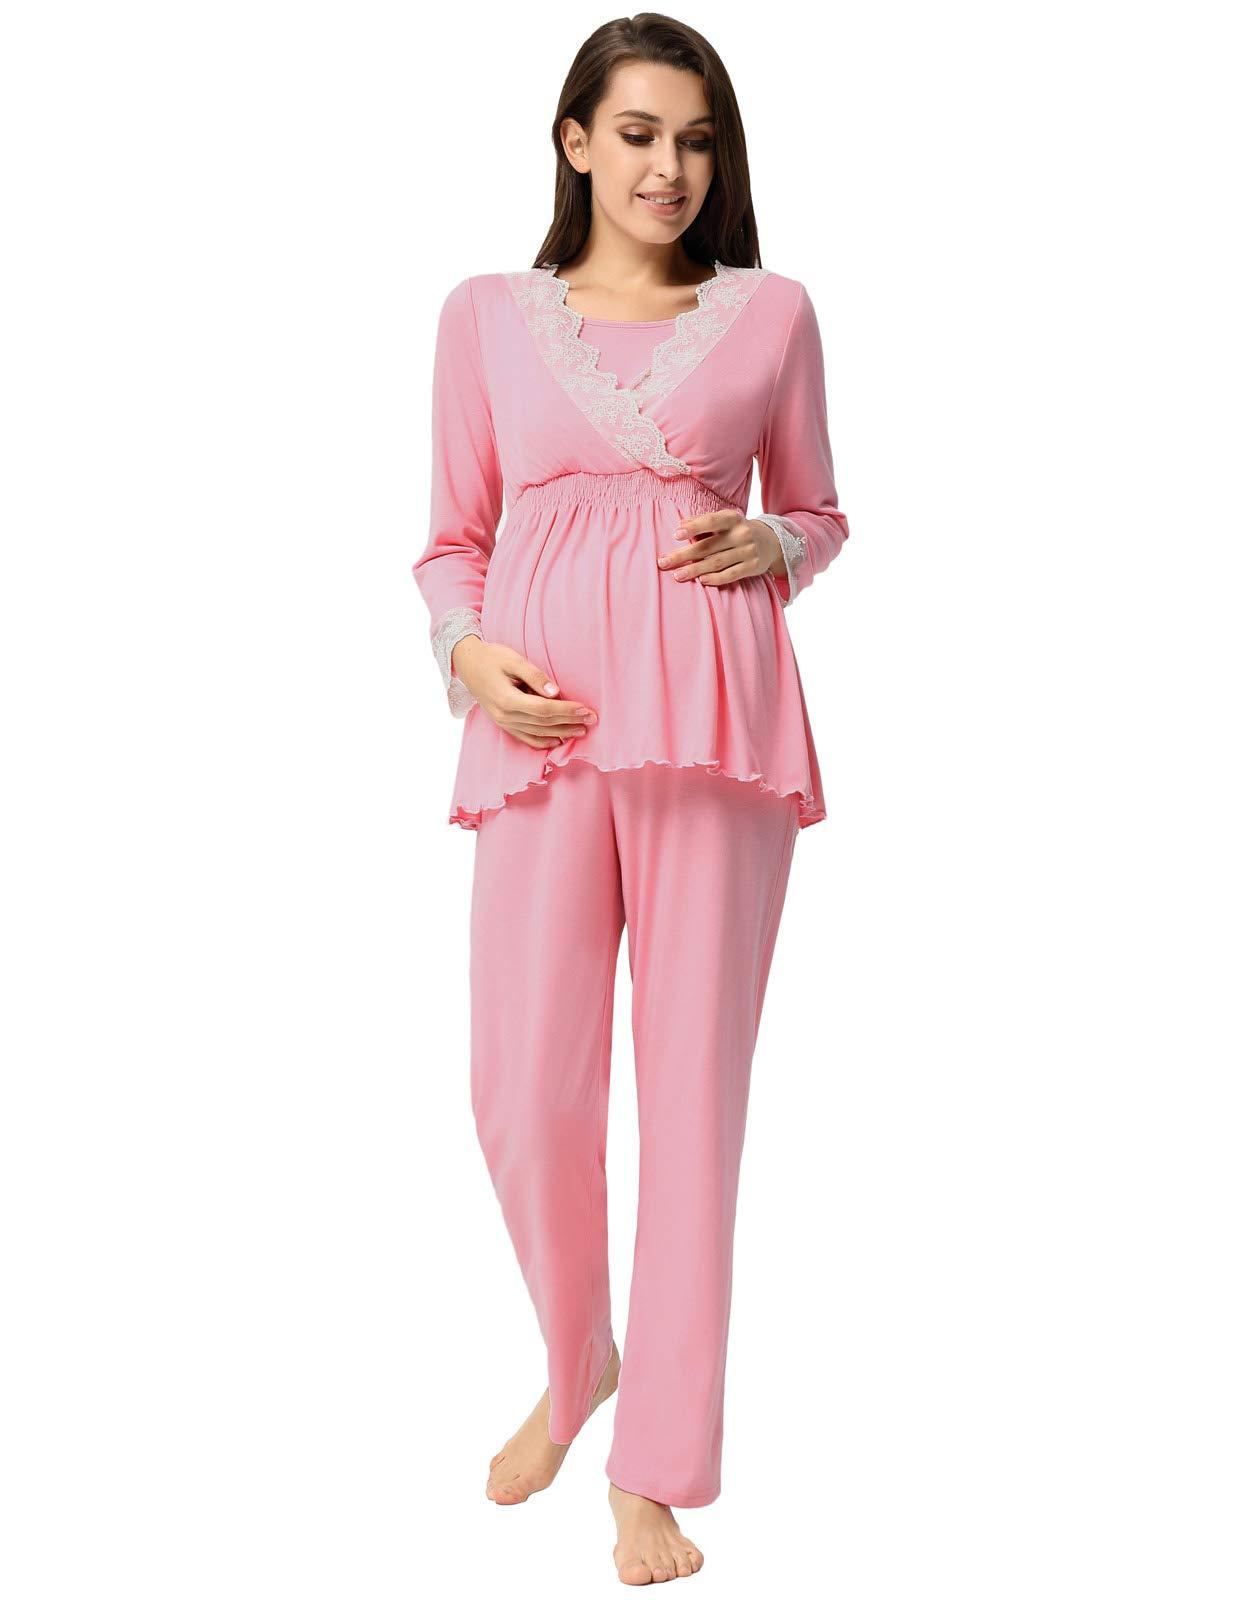 Women Soft Pajamas Set Nursing Breastfeeding V Neck Maternity Sleepwear 1030-1_S